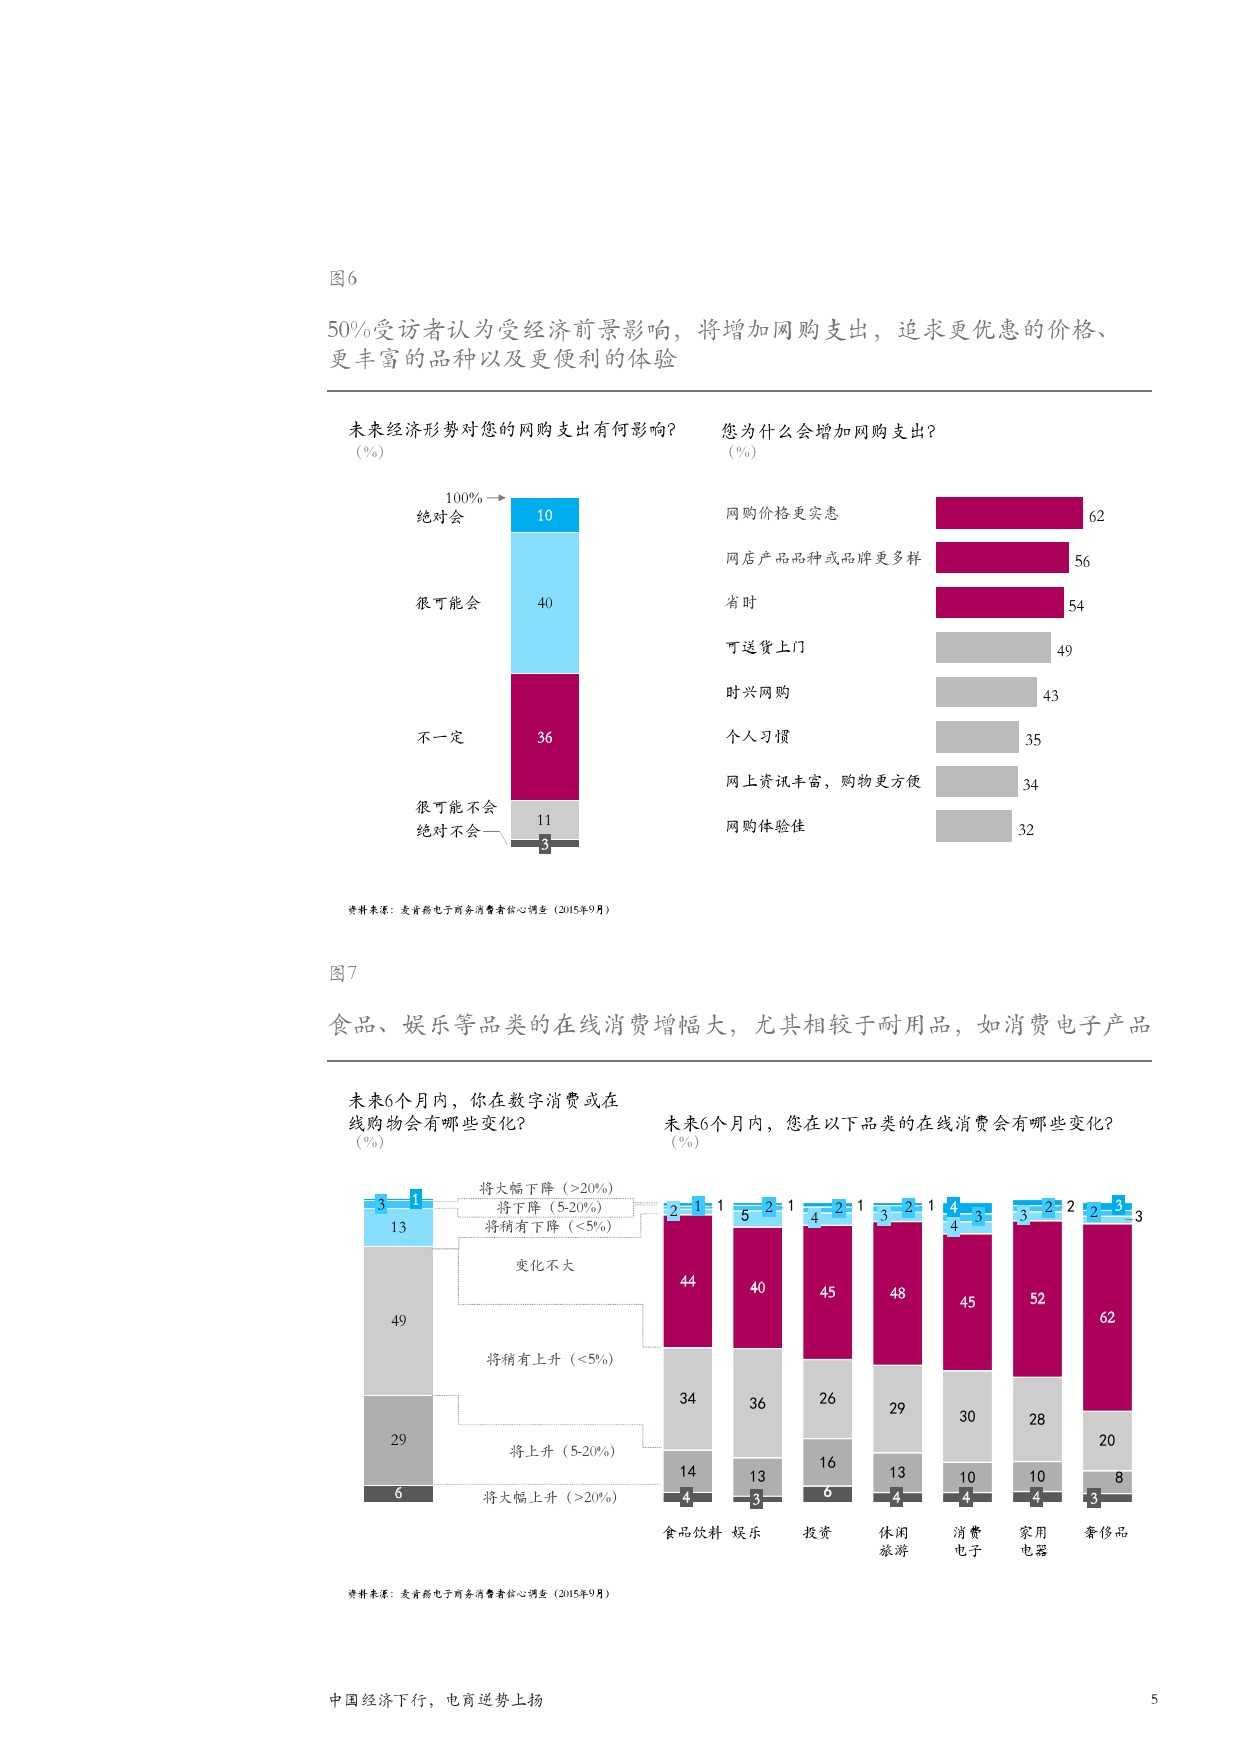 麦肯锡:中国经济下行,电商逆势上扬_000009